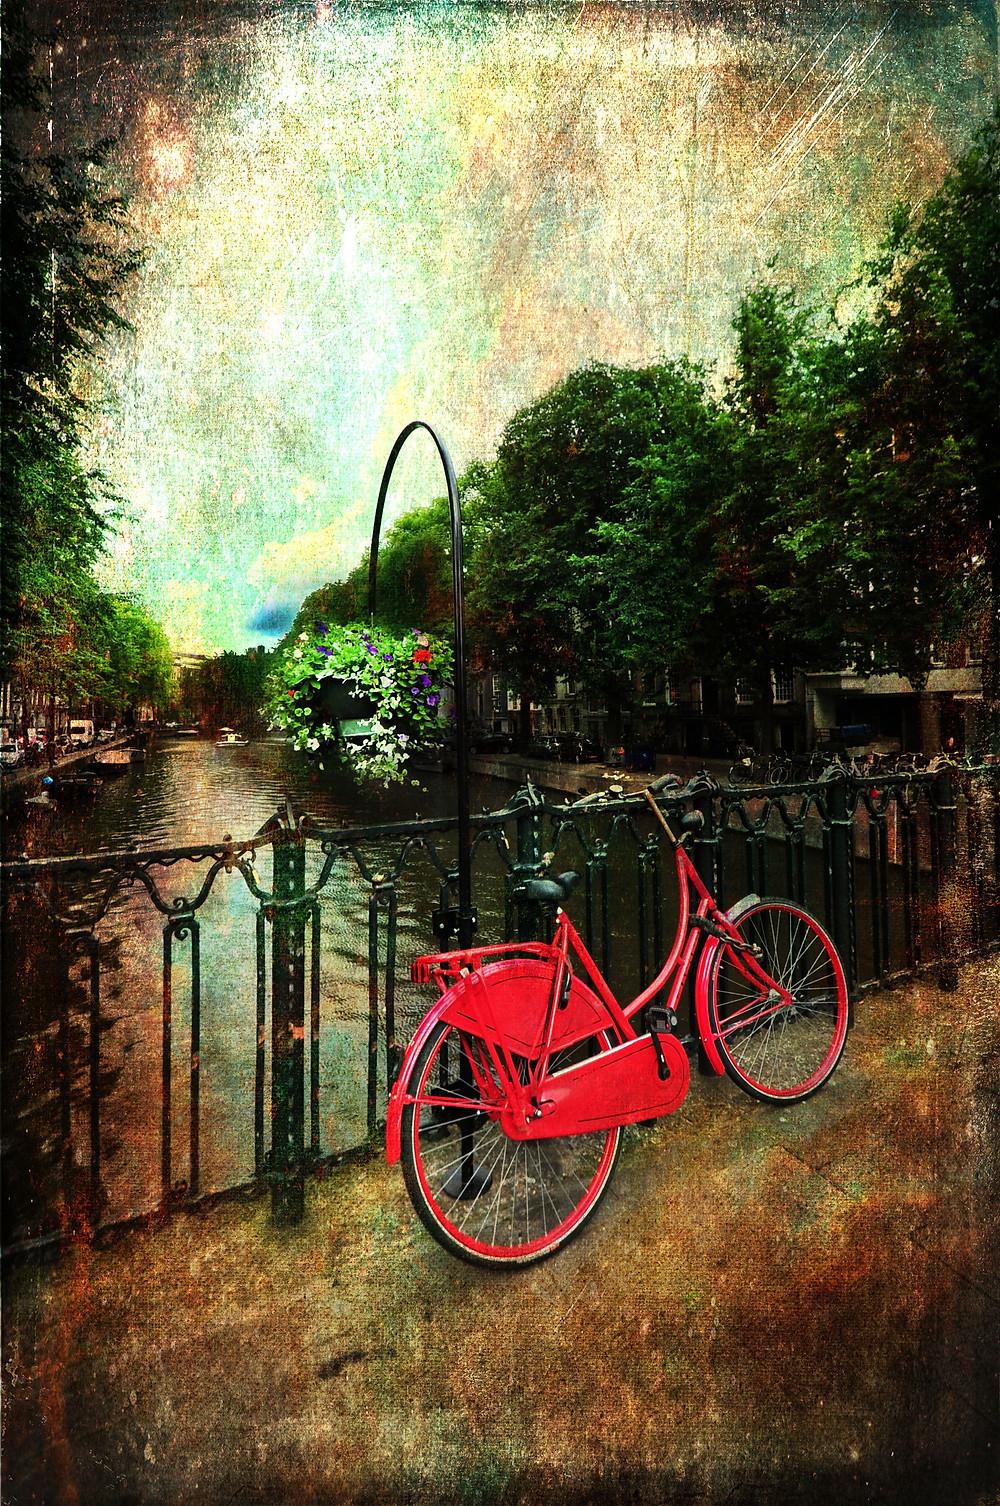 Et bilde av en rød sykkel i Amsterdam har fått teksturlag i Photoshop.